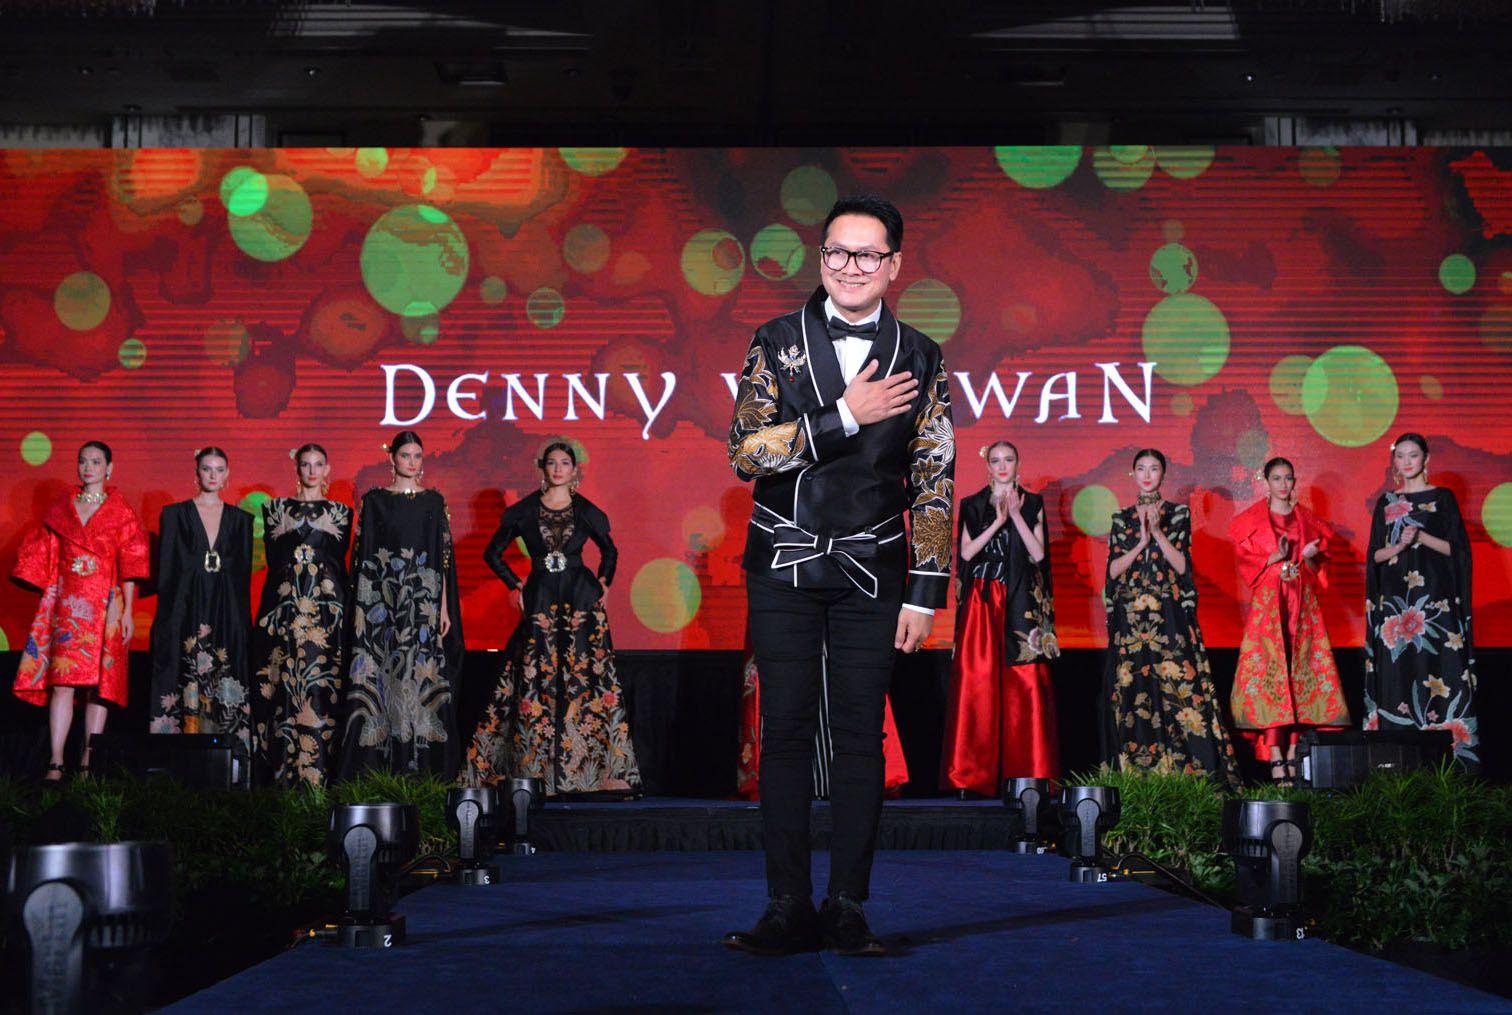 Denny Wirawan